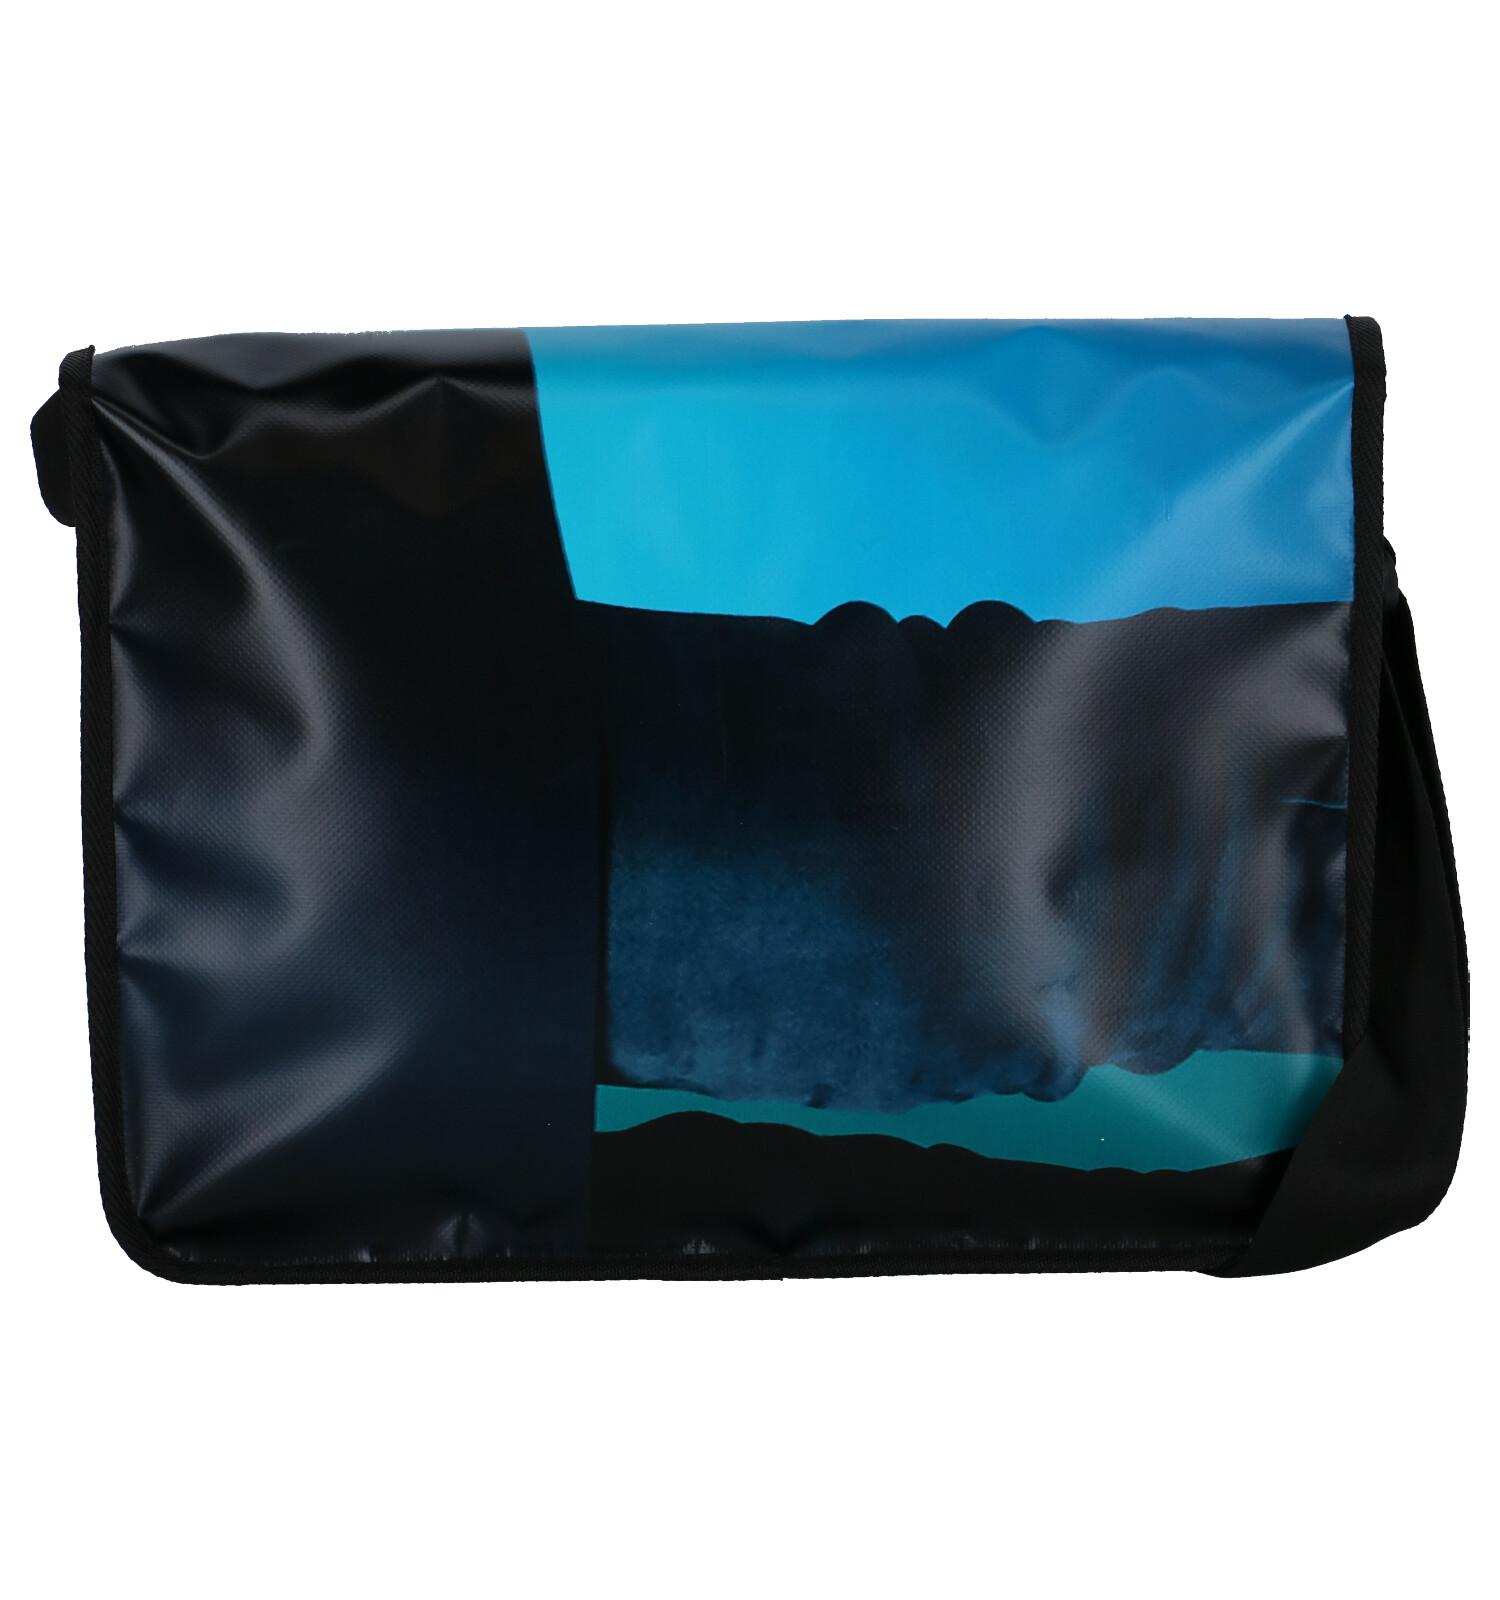 Laptoptas Flagbag Blauwe Blauwe Blauwe Flagbag Laptoptas Blauwe Laptoptas Laptoptas Flagbag Flagbag 34AjL5R